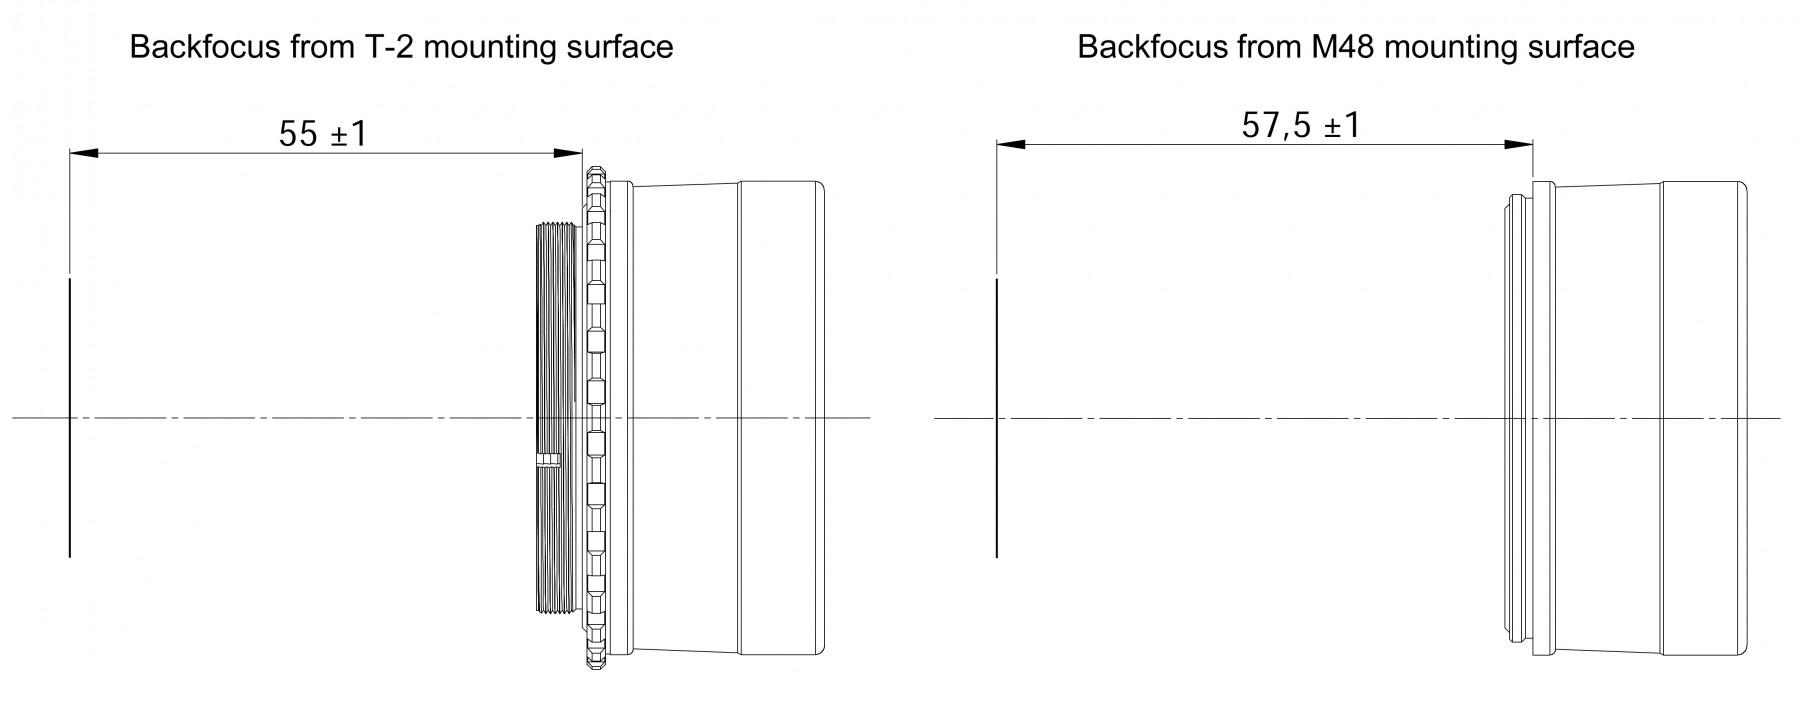 MPCC Mark III – Backfocus